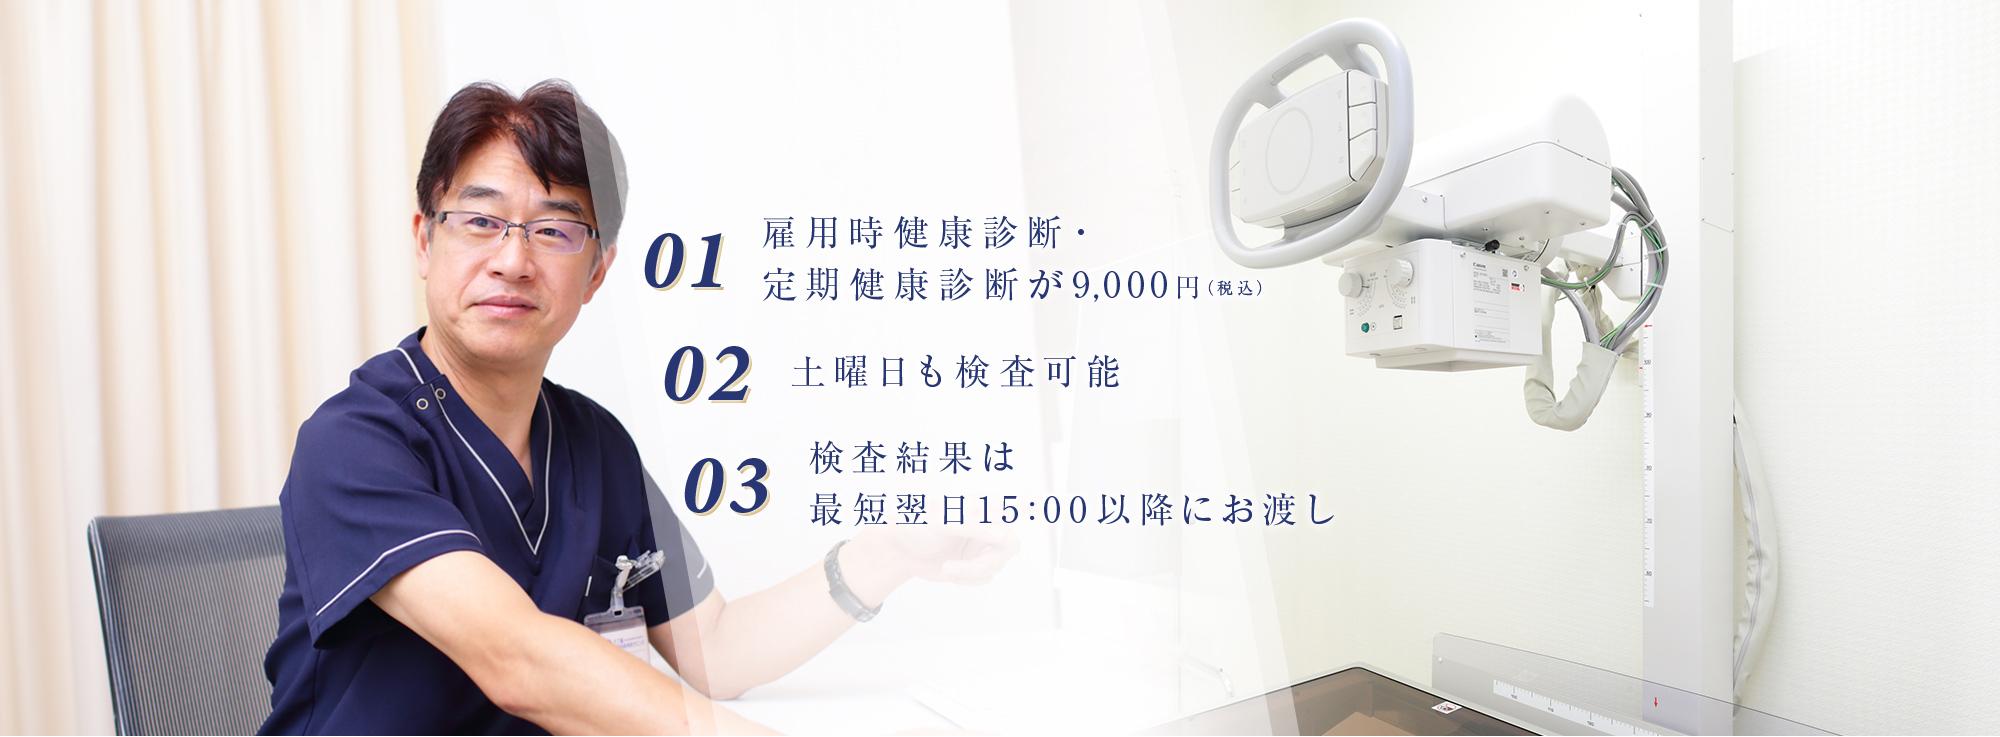 01.雇用時健康診断・定期健康診断が9,000円(税込) 02.土曜日も検査可能 03.検査結果は最短翌日15:00以降にお渡し